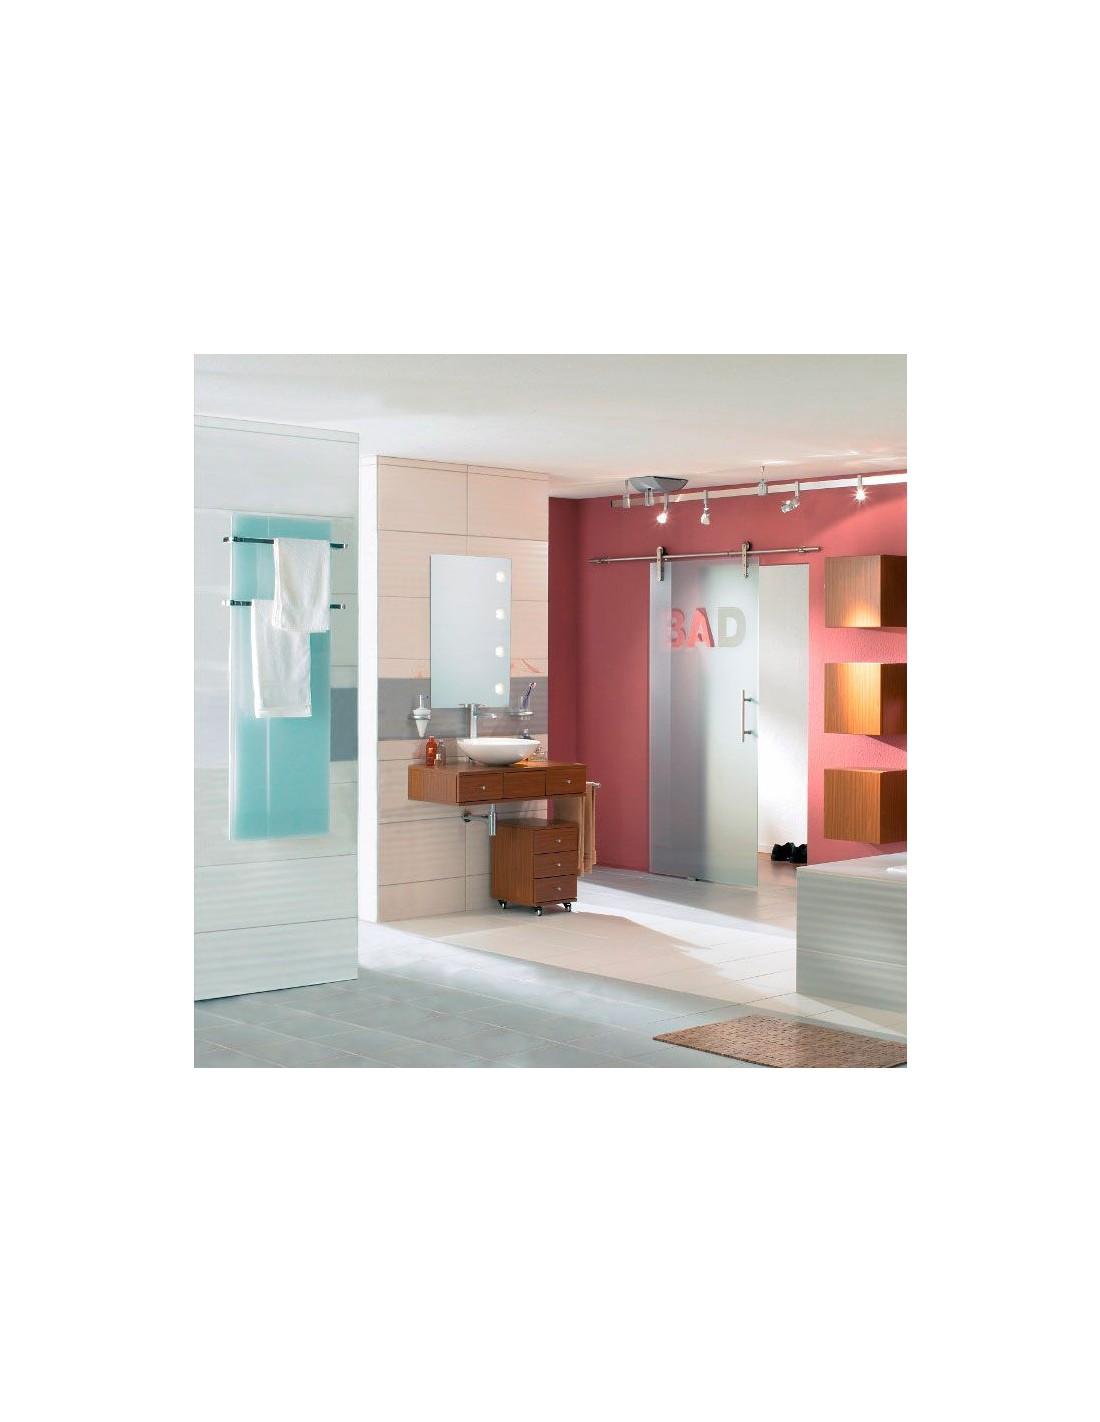 Sèche serviettes Solaris 45 1000w blanc brillant avec reflet vert de la marque Fondis - Valente Design